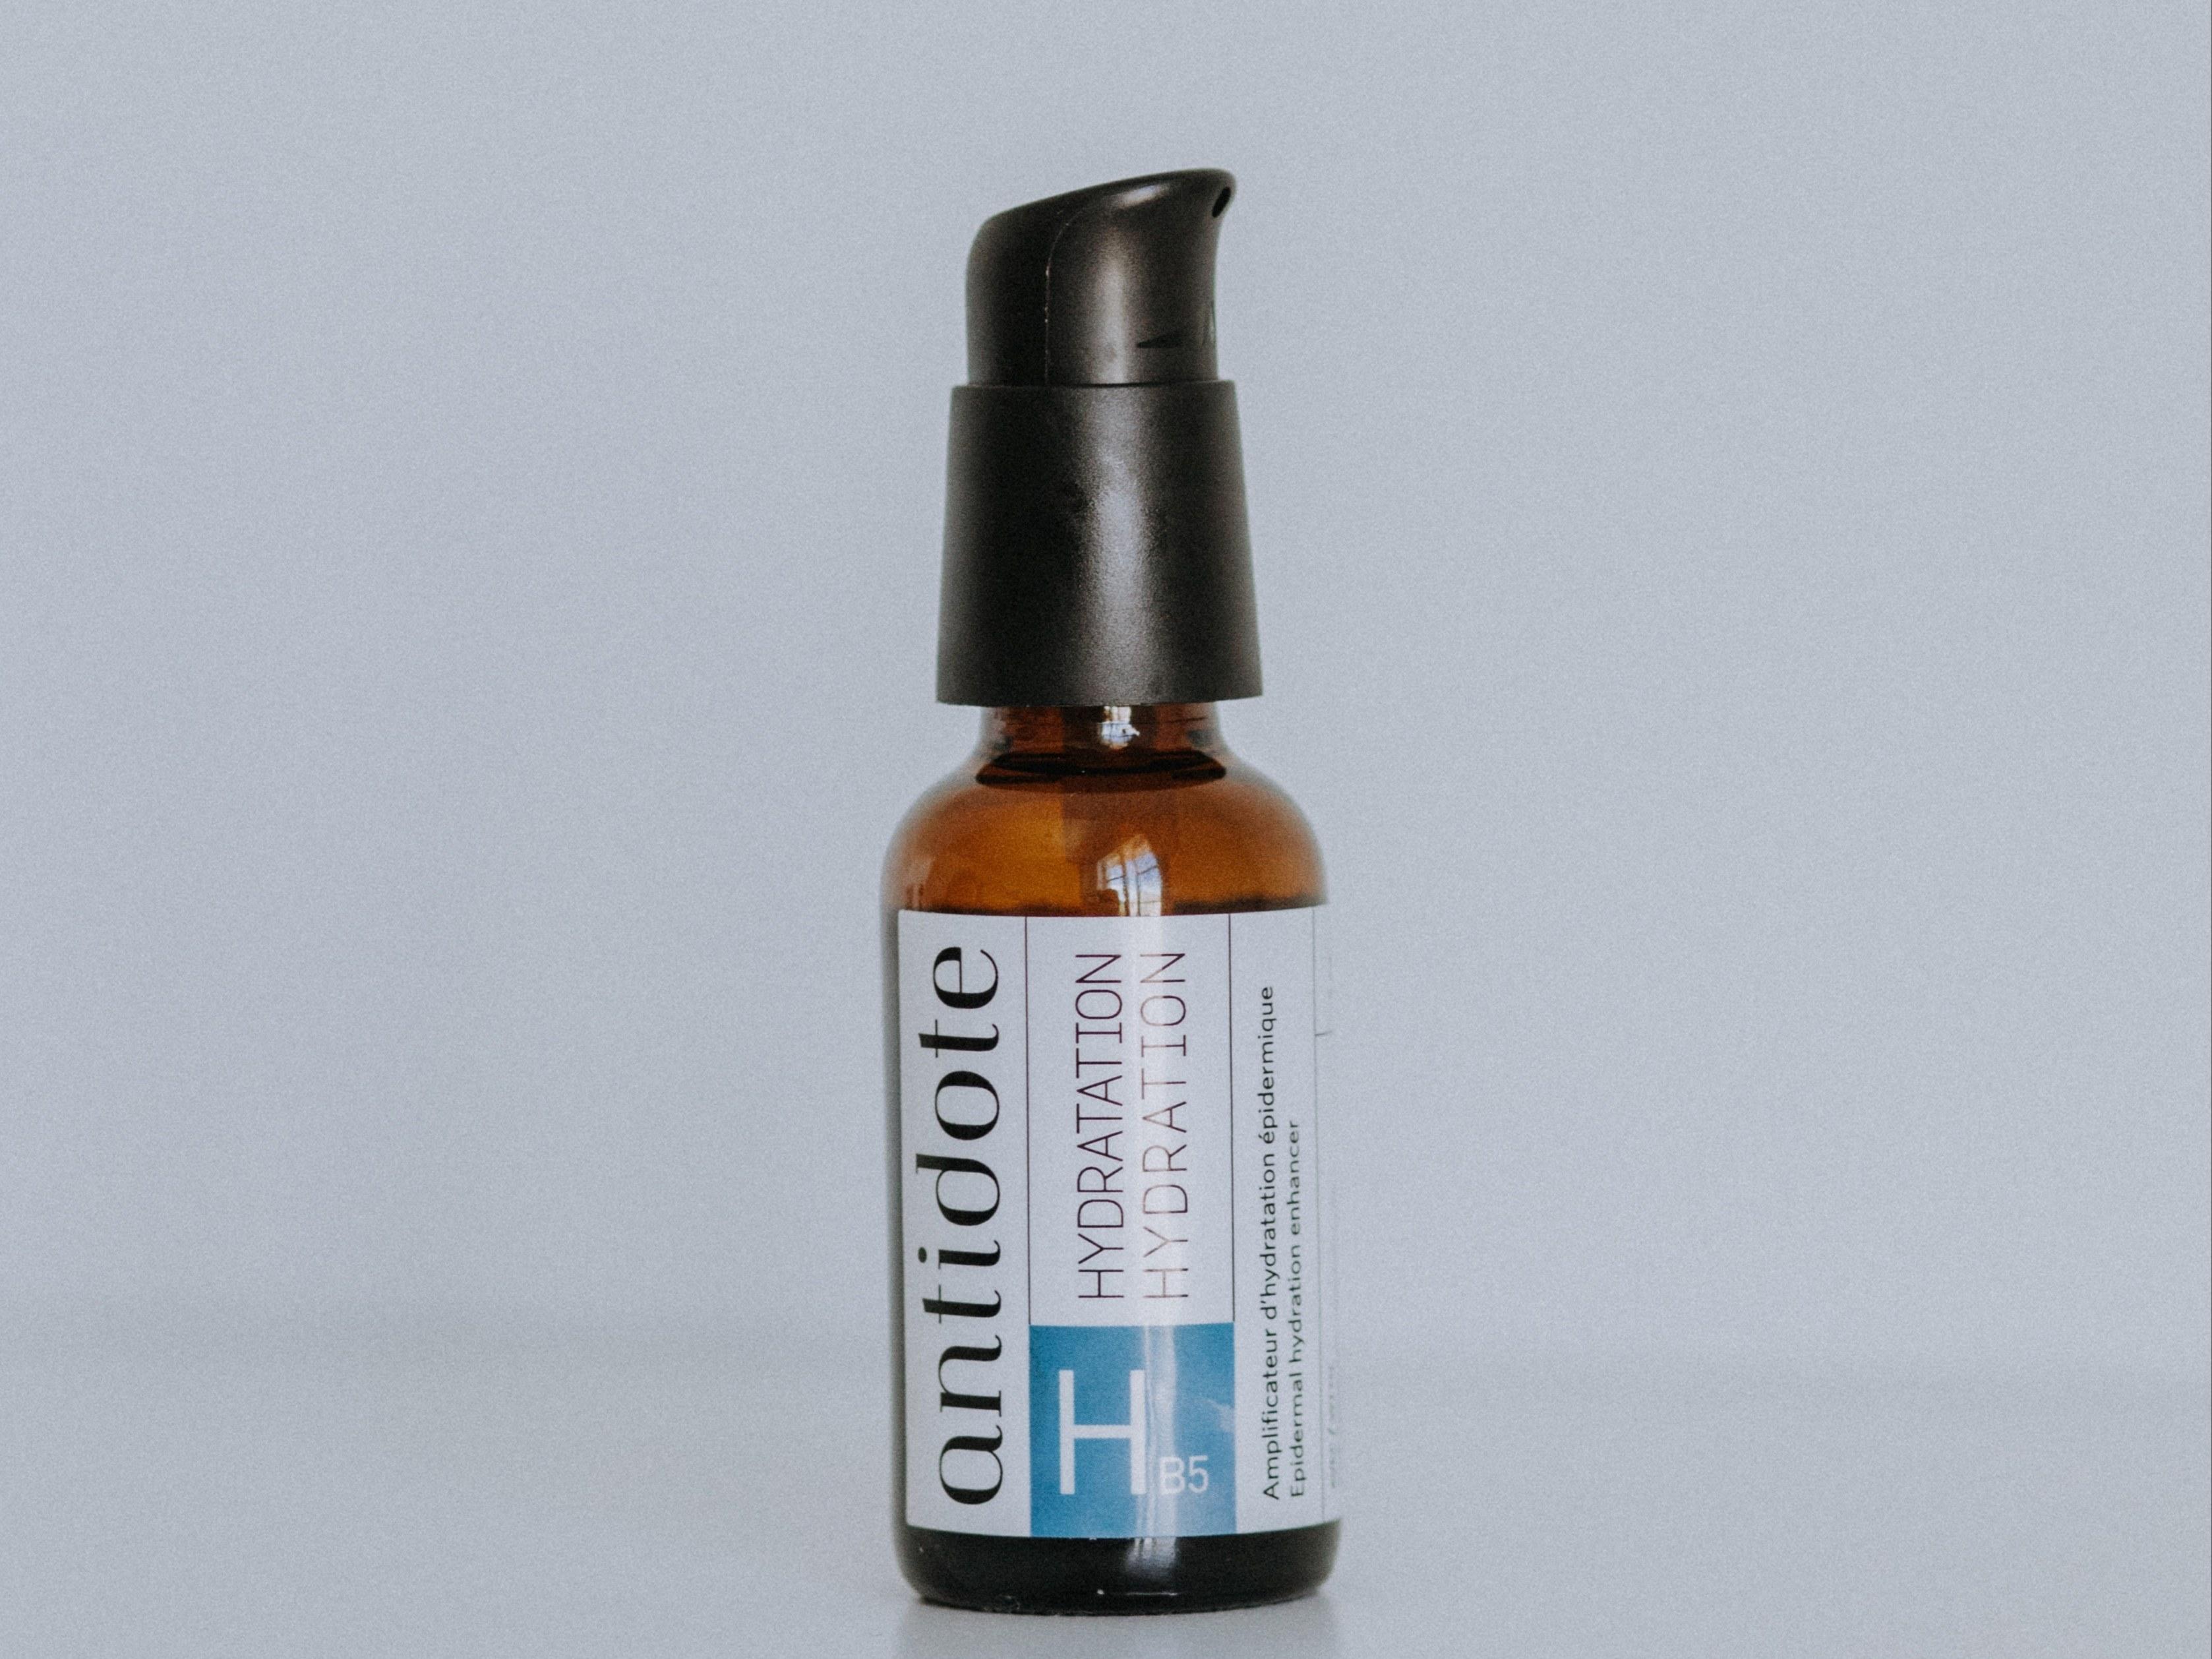 antidote hbb5